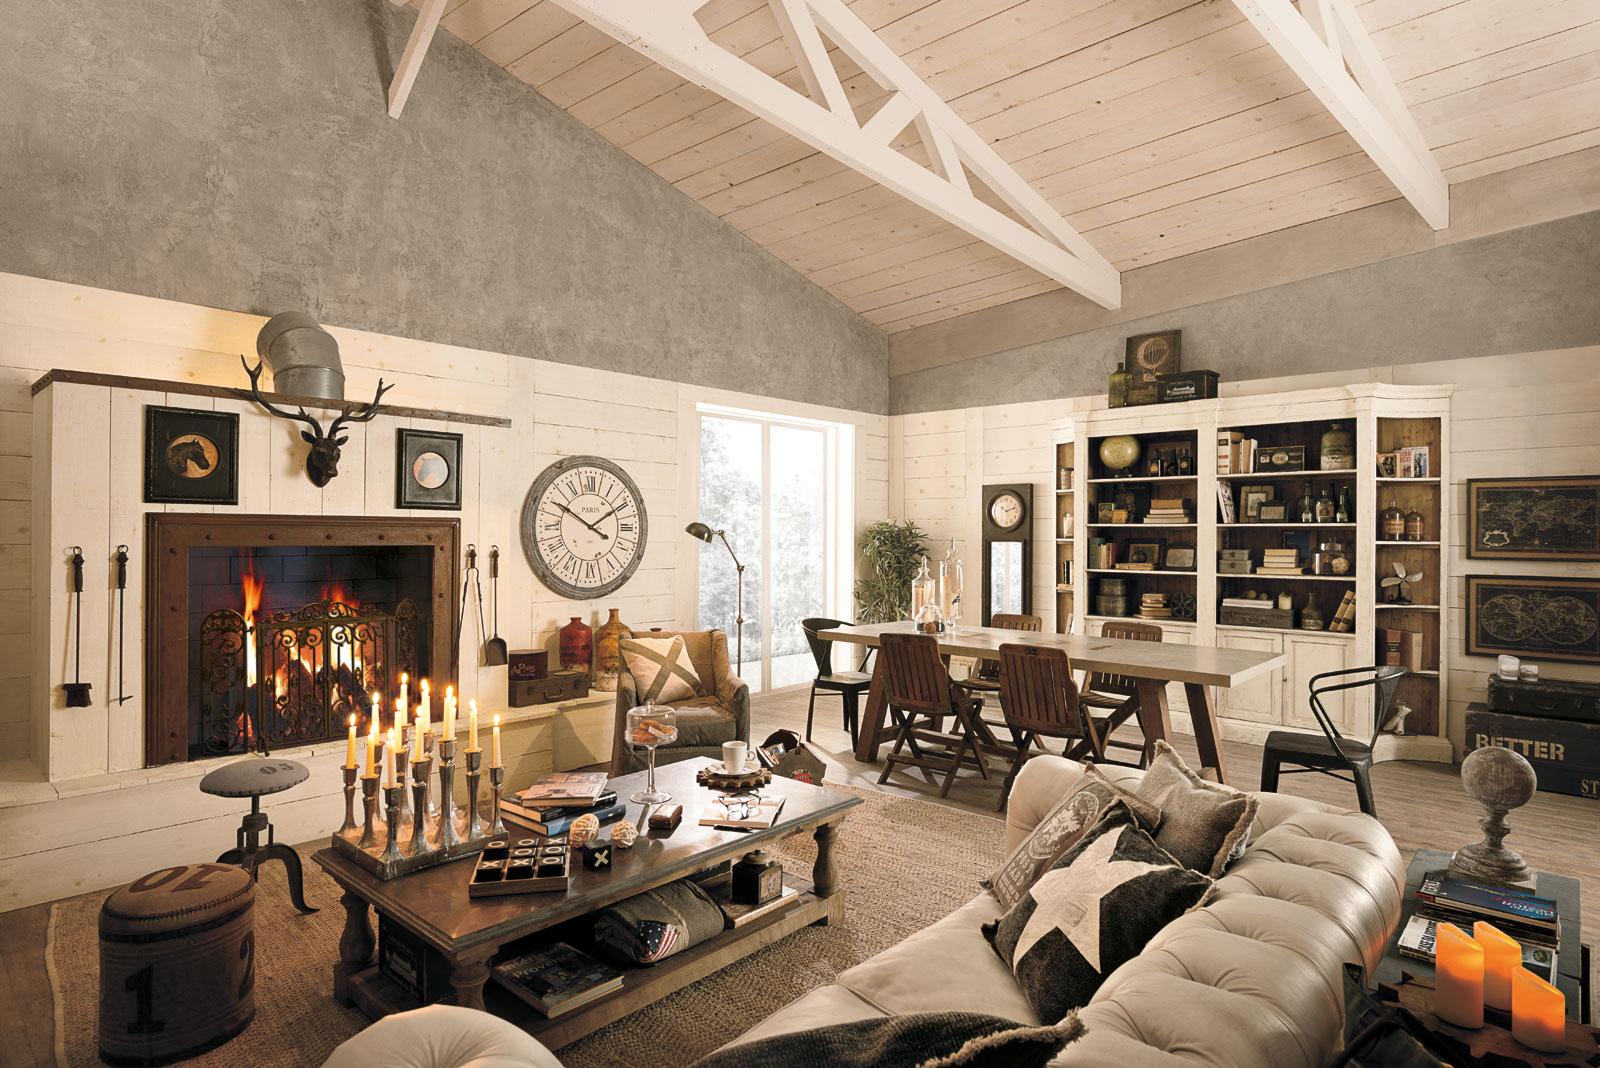 Soggiorni di design minoia arreda - Arredamenti vintage casa ...